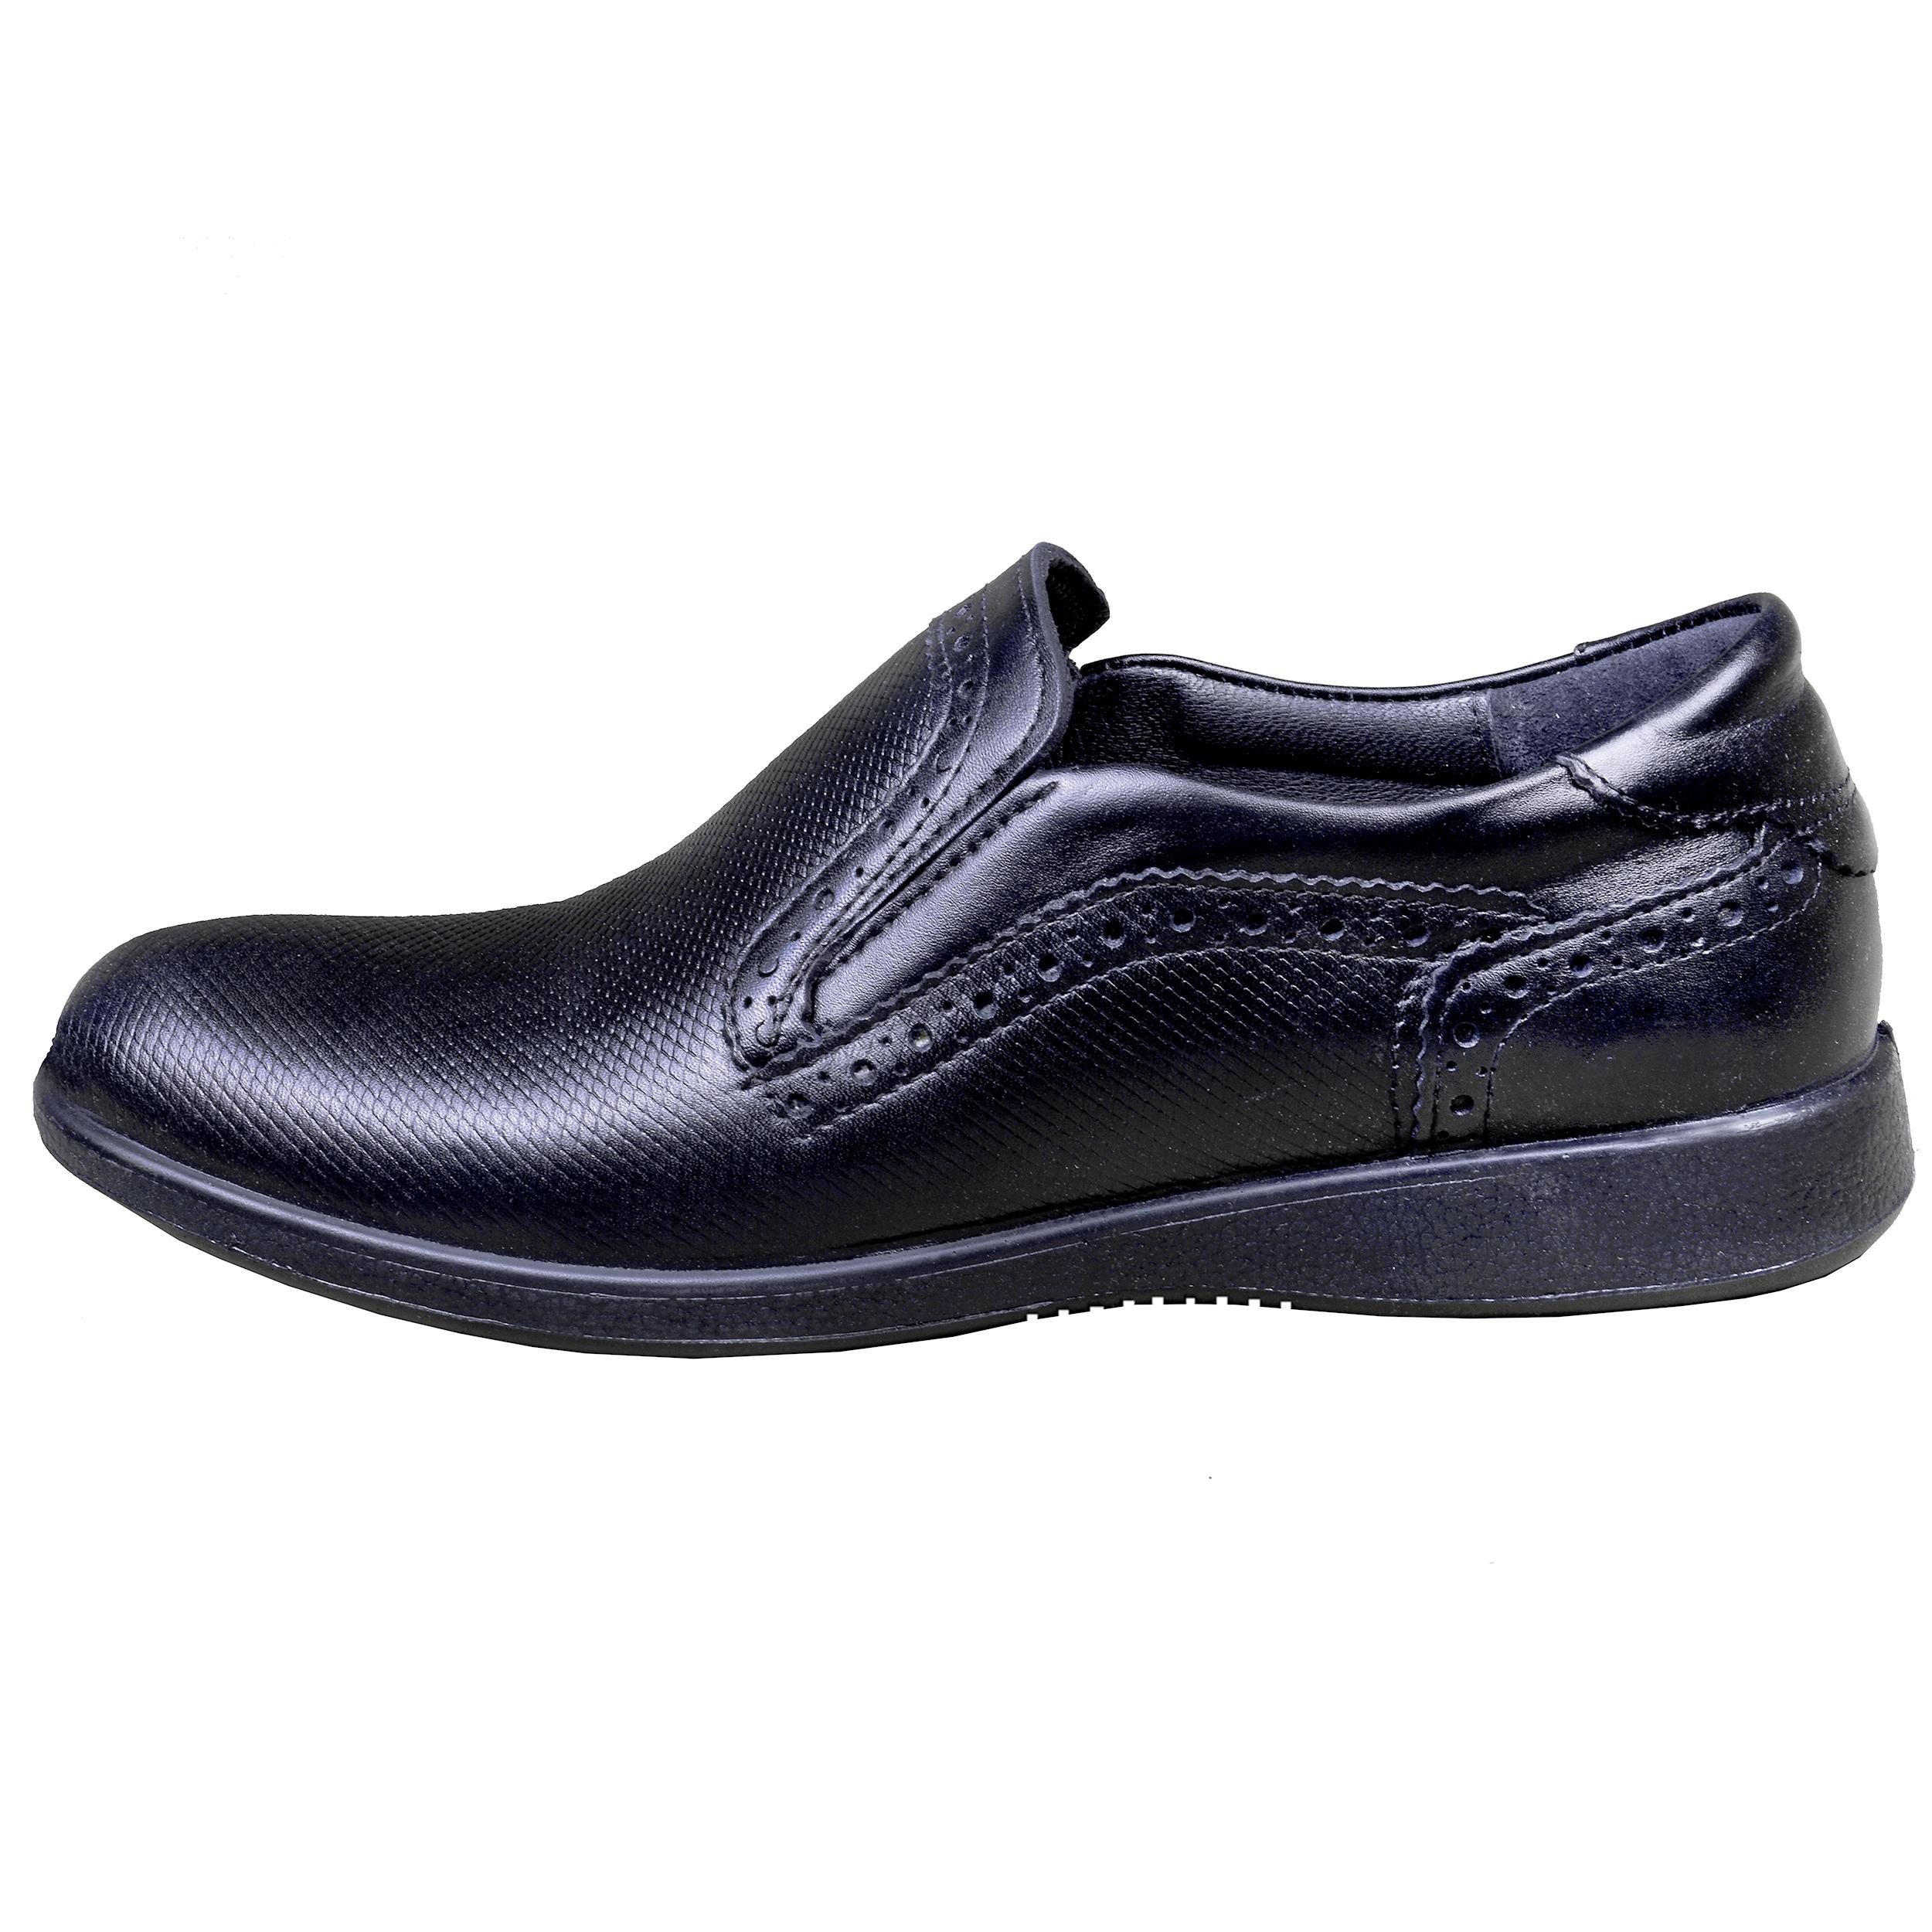 کفش مردانه دکتر فام مدل 1049